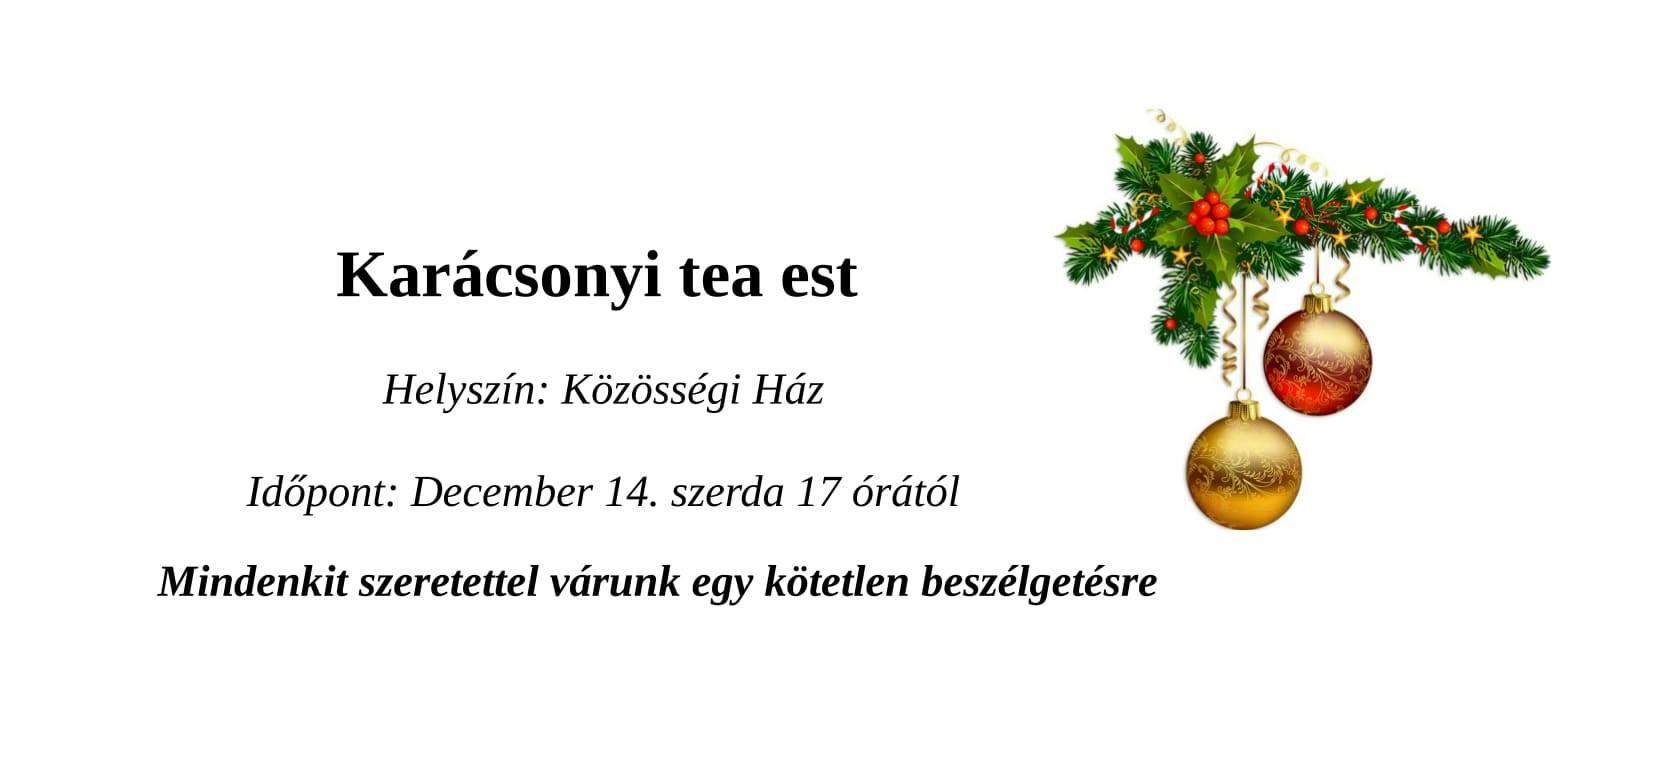 Karácsonyi tea est